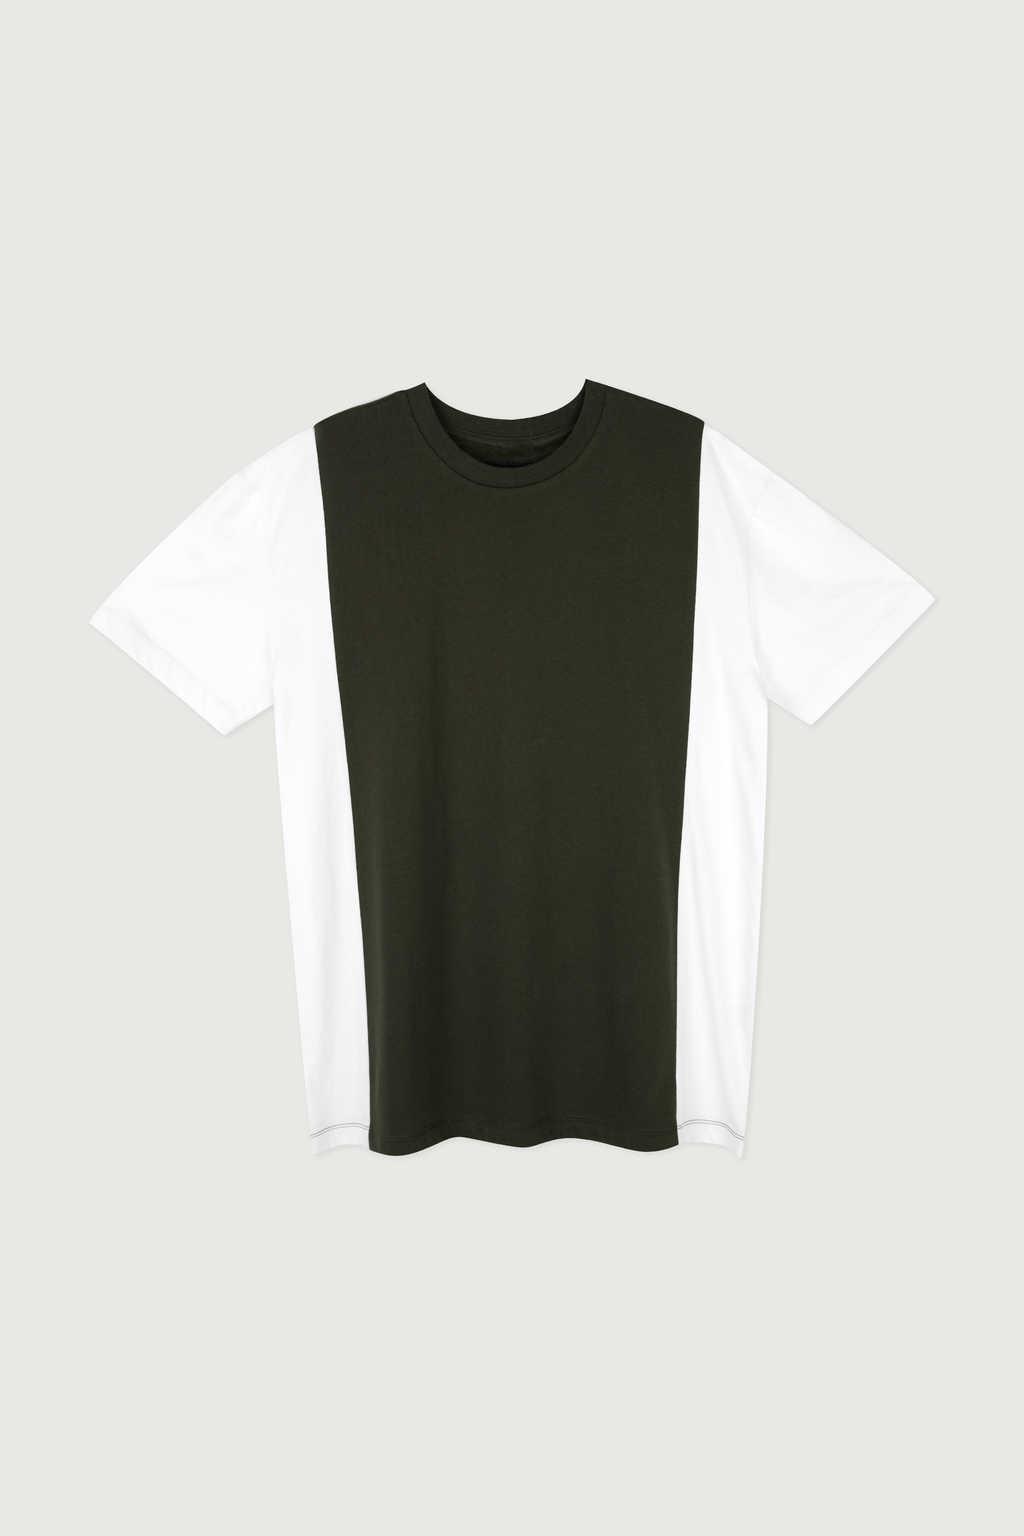 TShirt 3660 Green 5